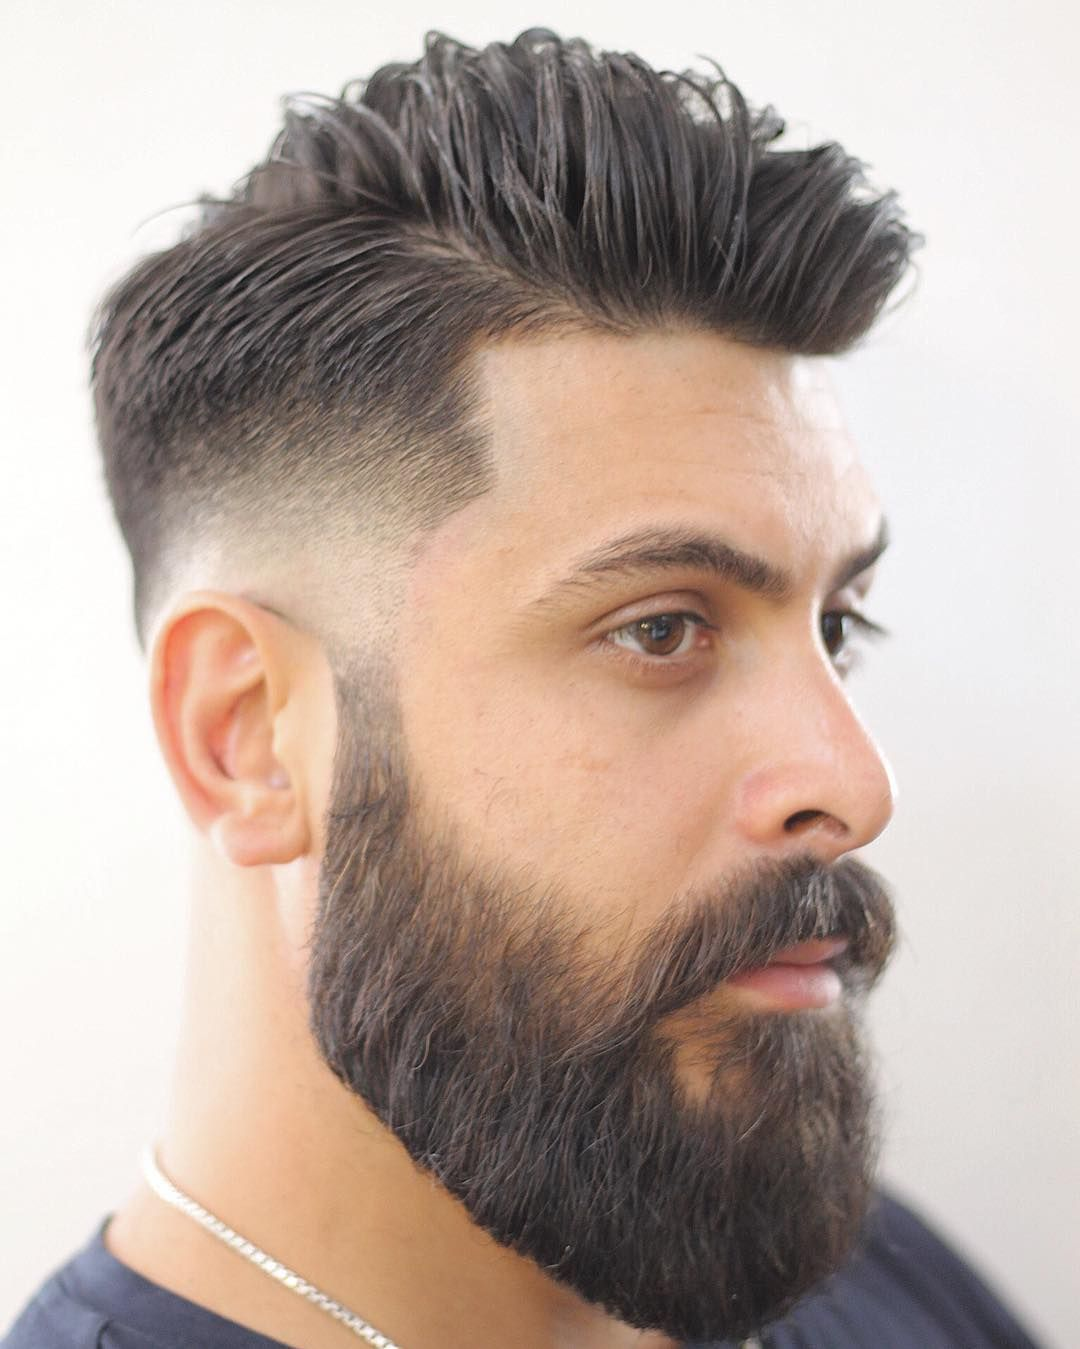 Mens fade haircut styles  novos cortes de cabelo masculino de   fade haircut haircut